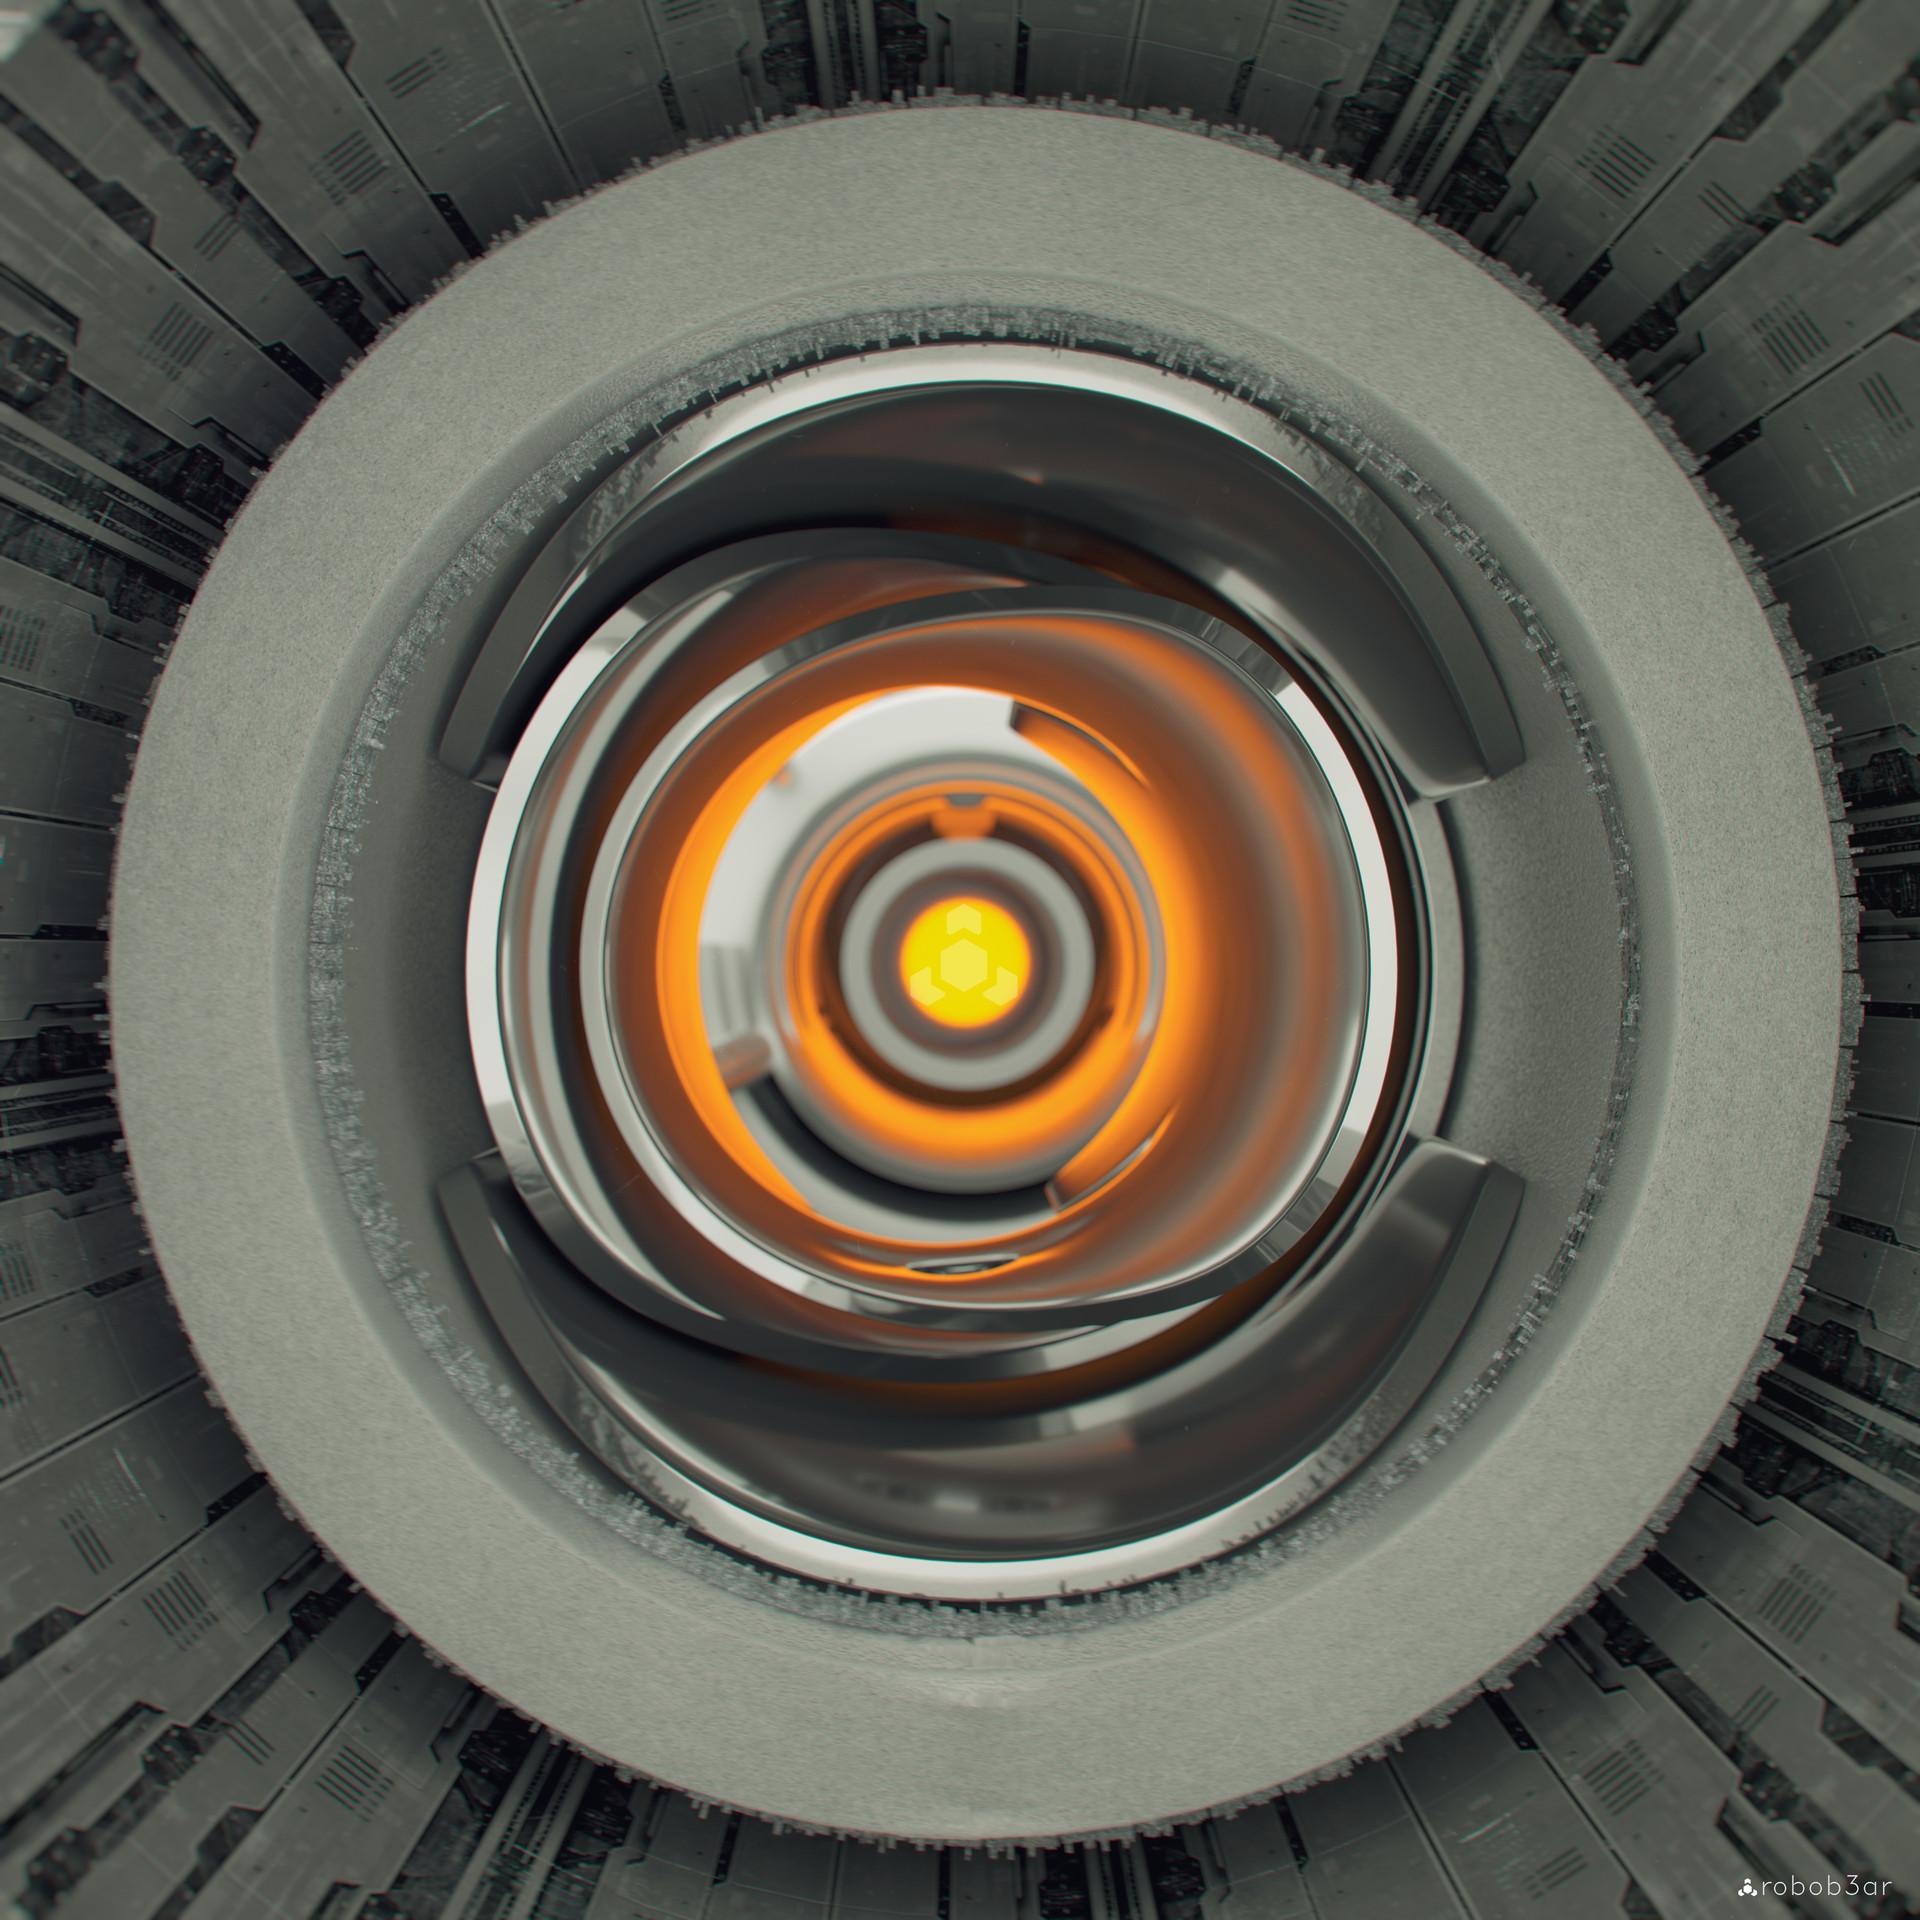 Kresimir jelusic robob3ar 473 inside of lightsaber ps